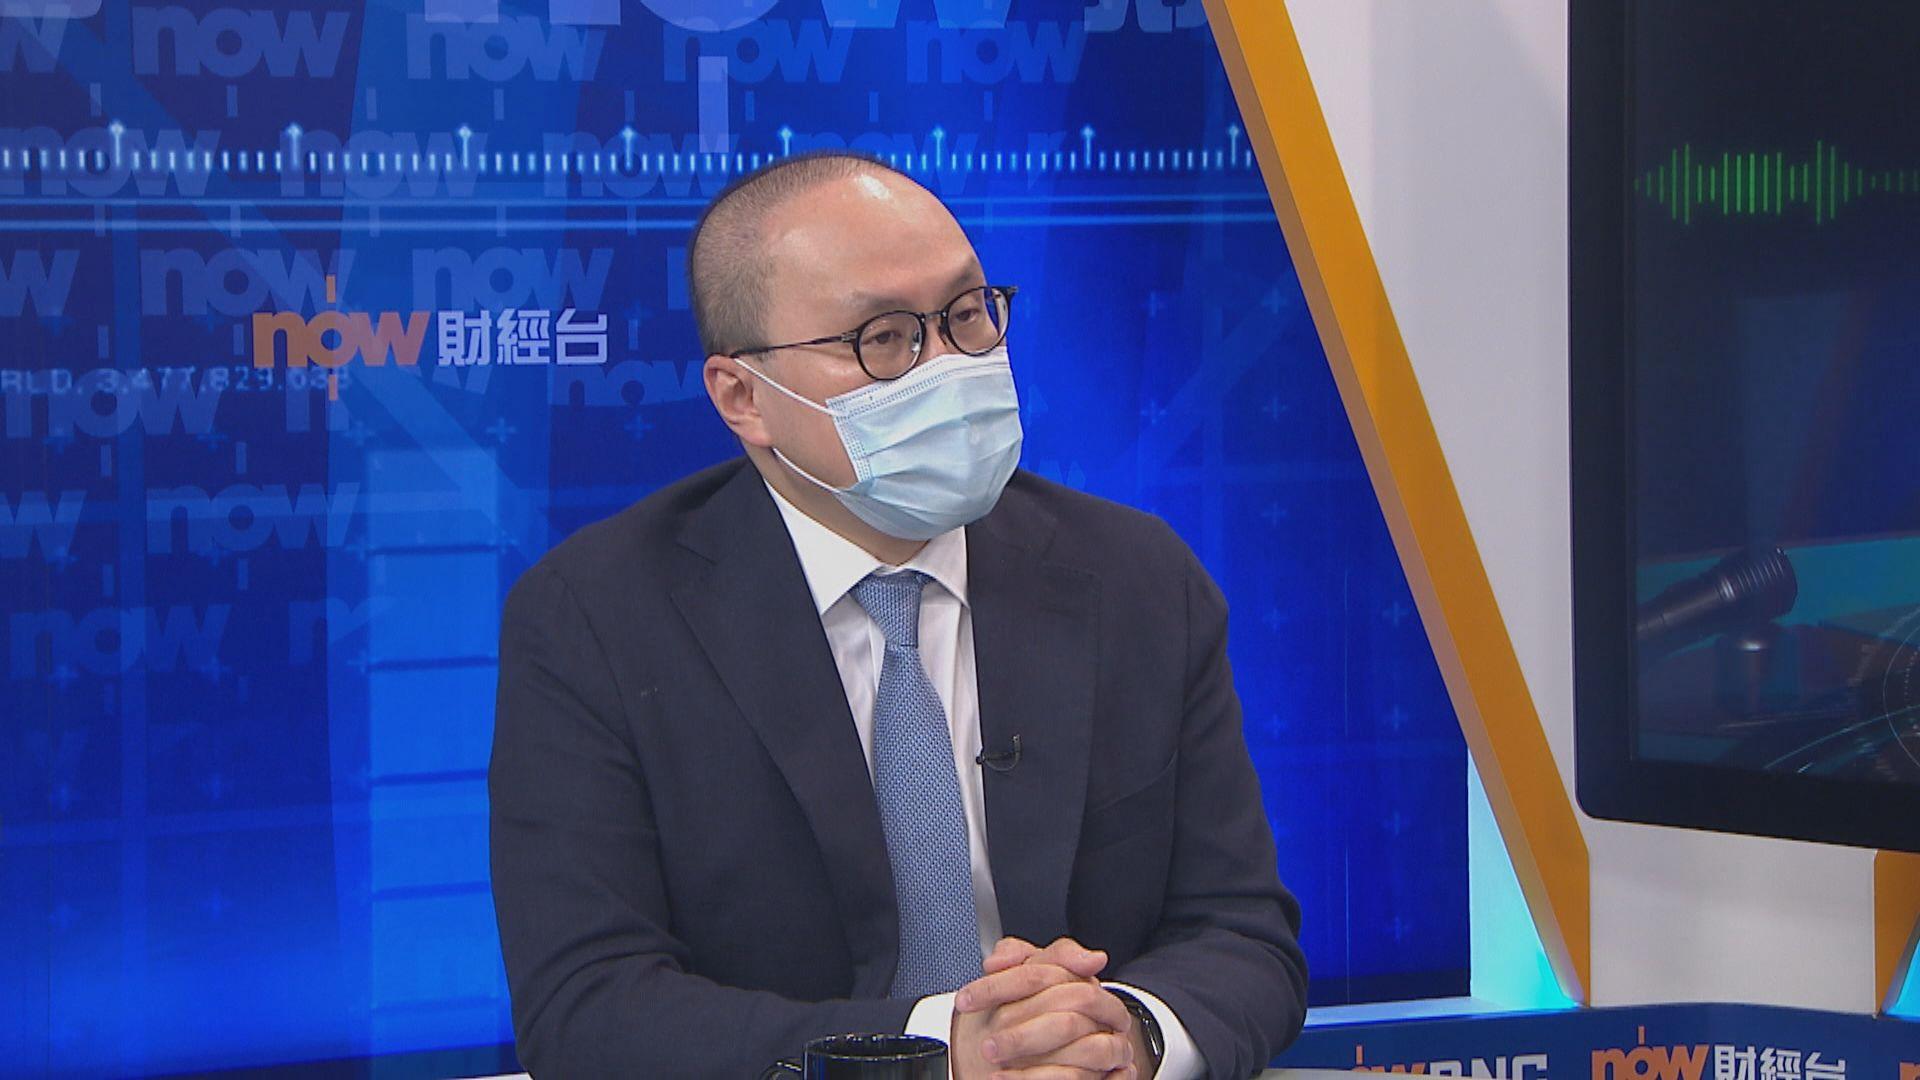 曾祈殷:香港接種率低 難仿效外地放寬防疫措施